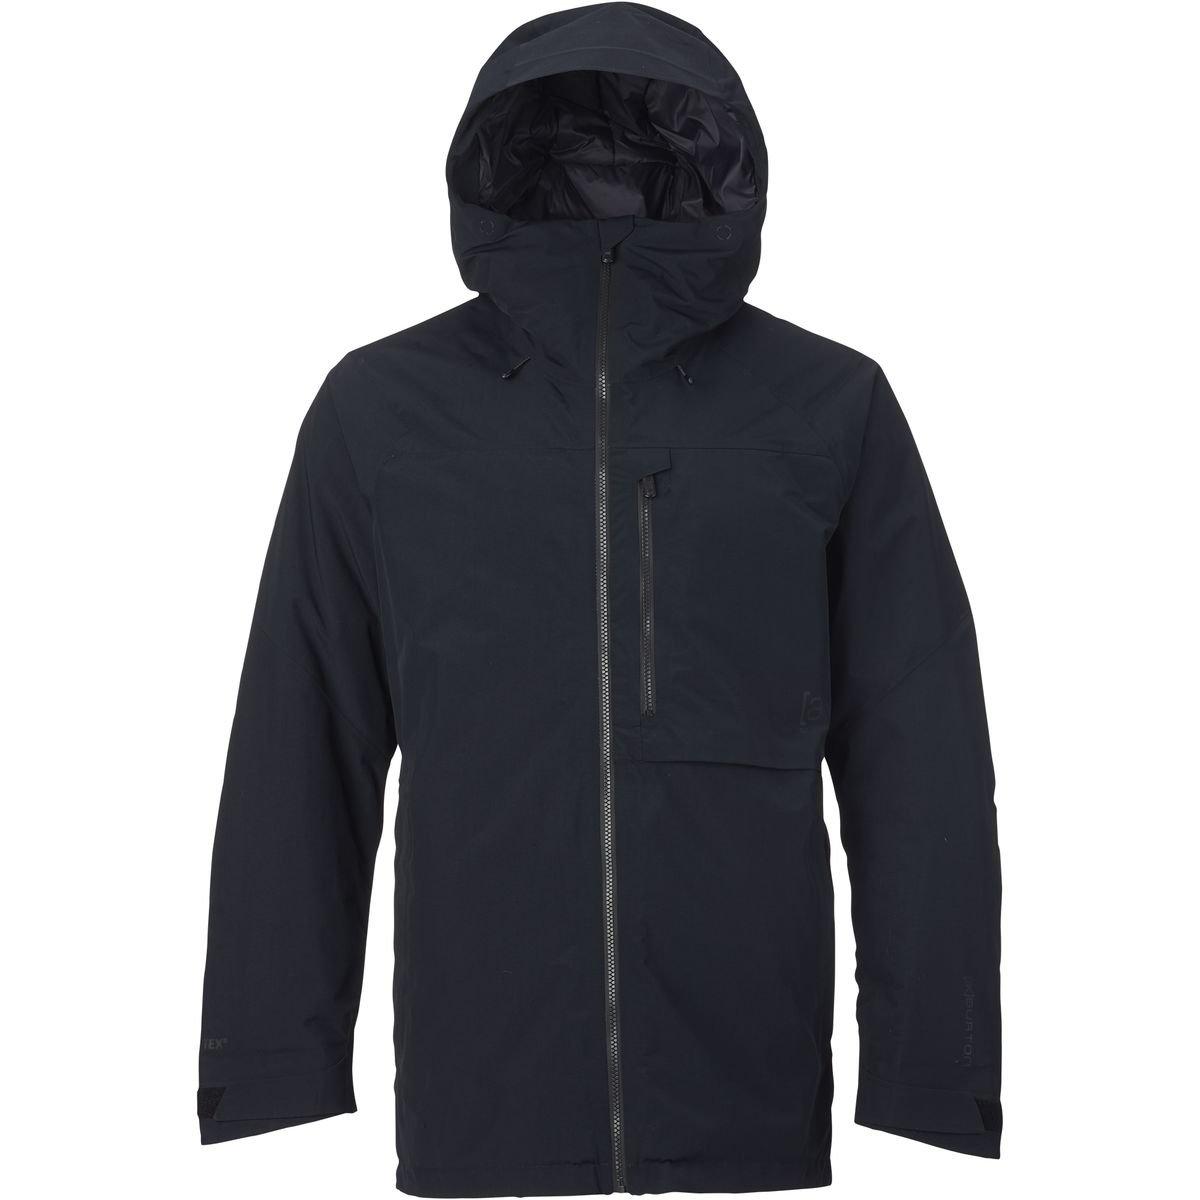 (バートン) Burton AK 2L Helitack Insulated Jacket メンズ ジャケットTrue Black [並行輸入品] B072KDKPNW  True Black 日本サイズ LL (US L)